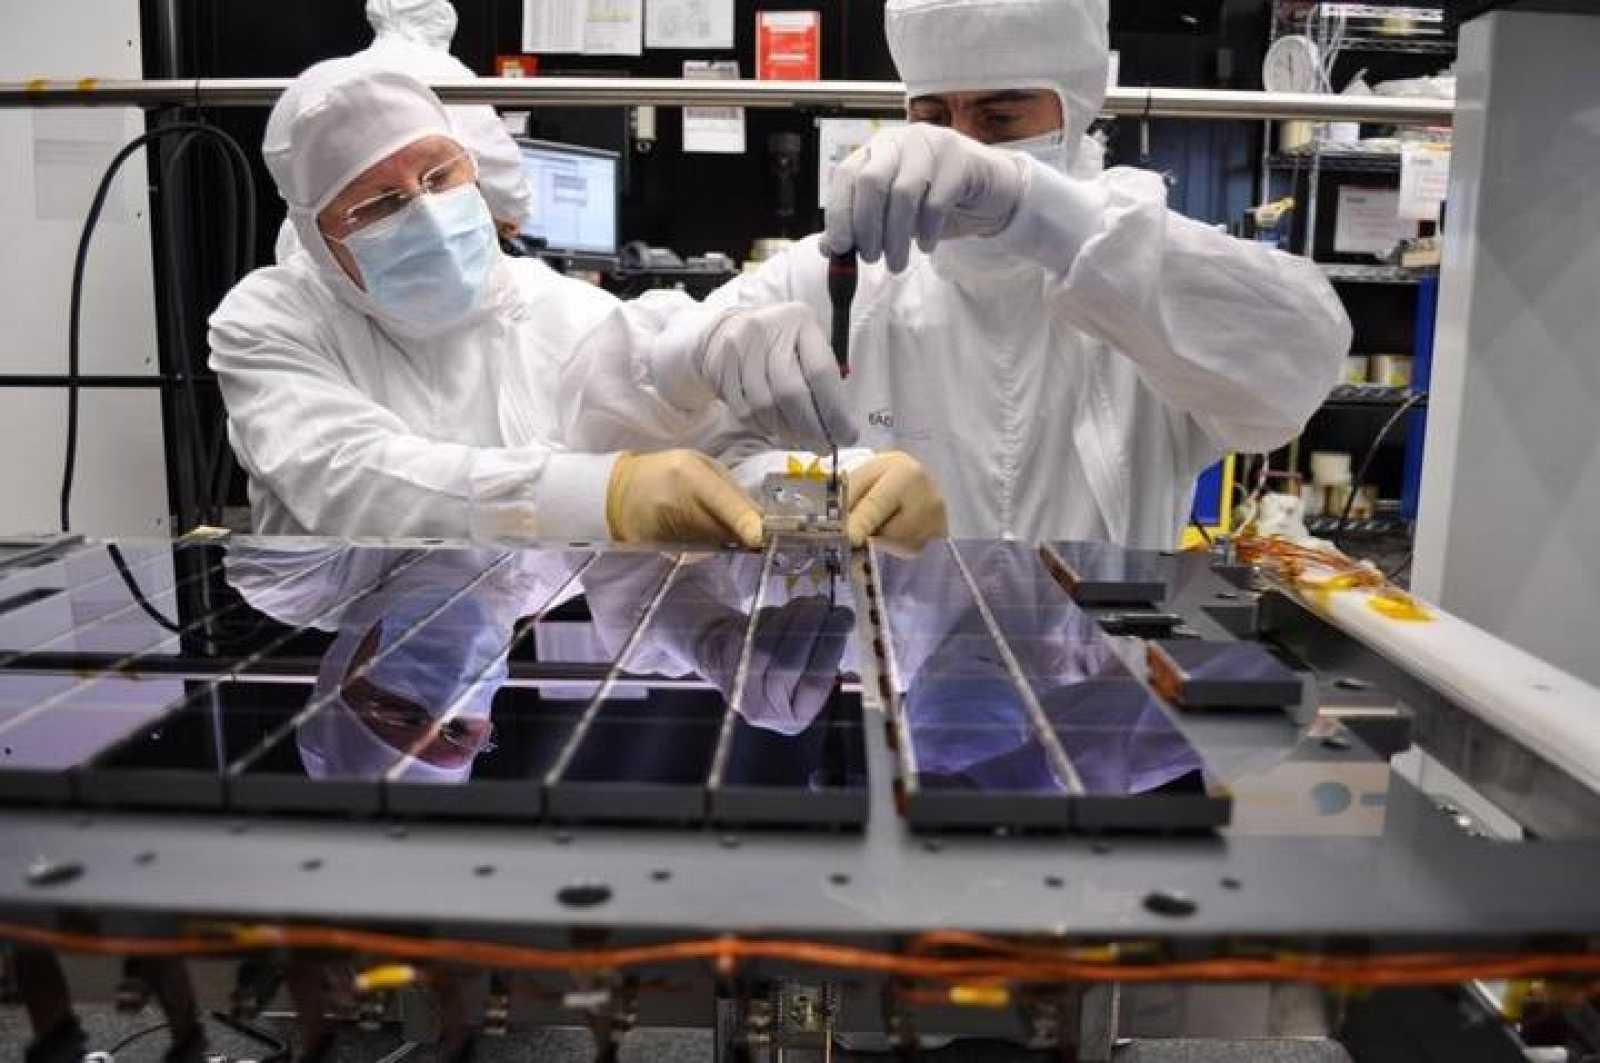 Técnicos realizan el esamblamiento de los dispositivos electrónicos